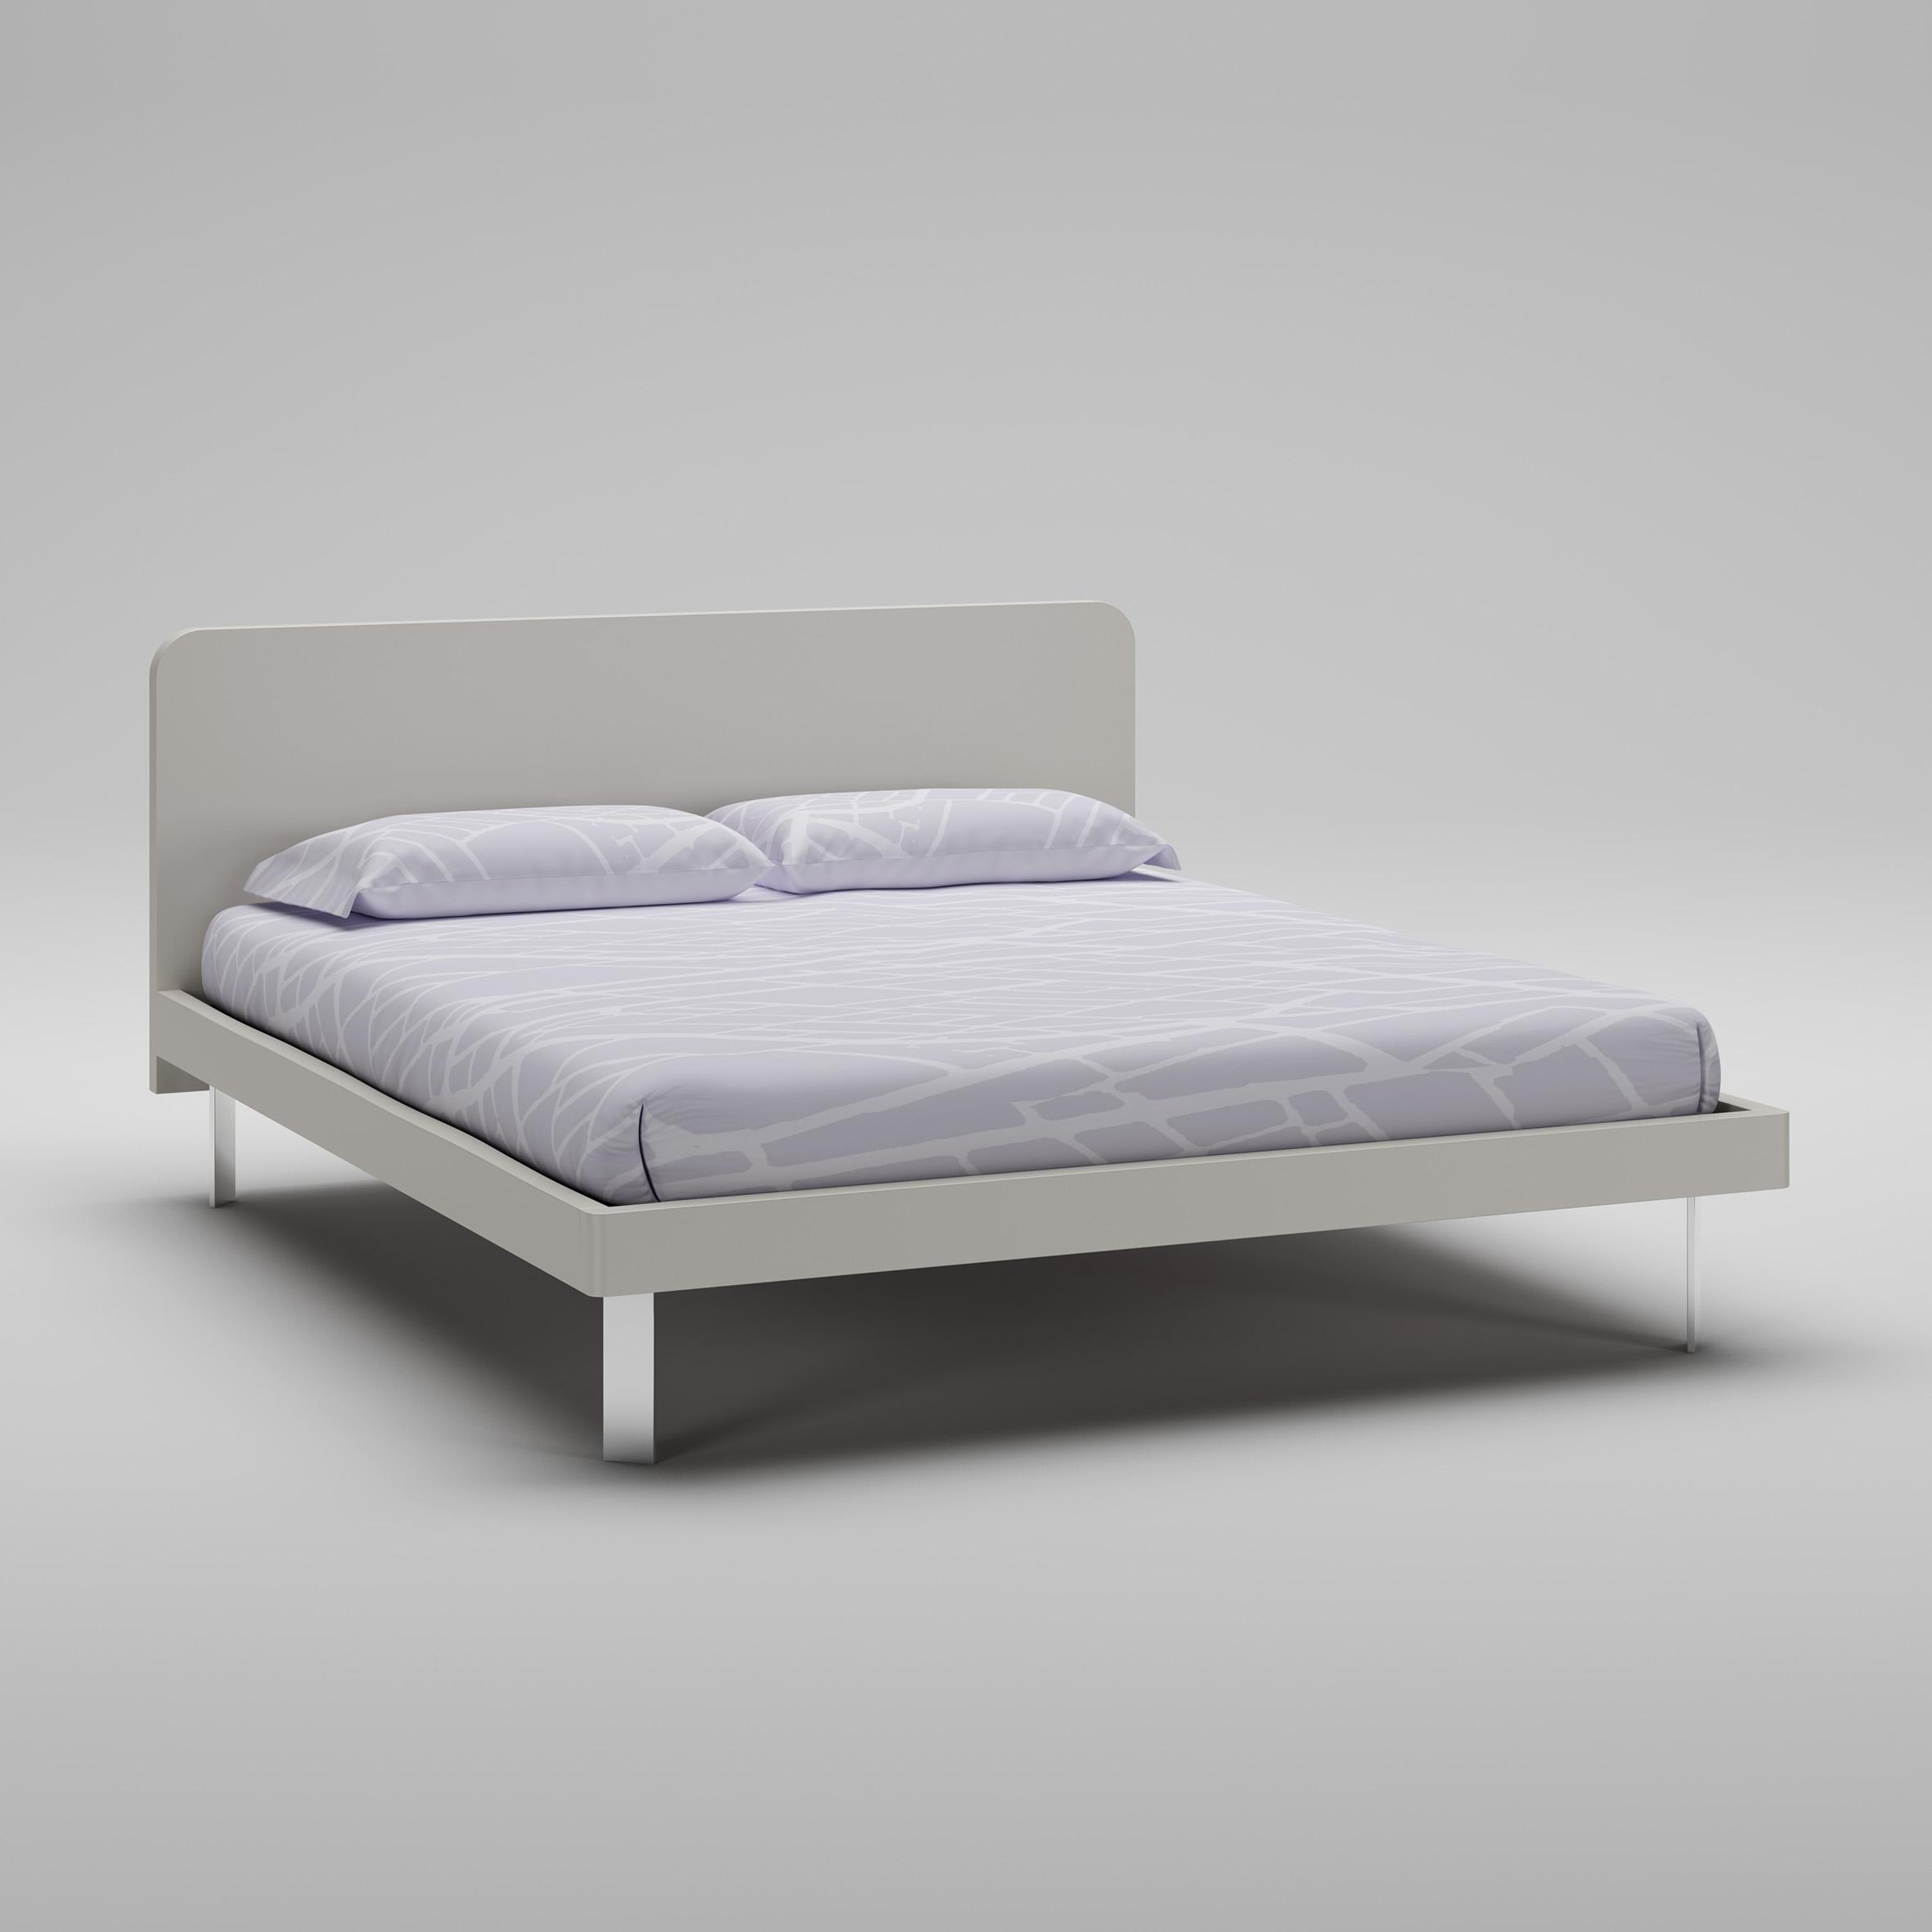 lit adulte personnalisable wl112 laqu mat avec couchage de 160 x 200 moretti compact - Lit Adulte 160x200